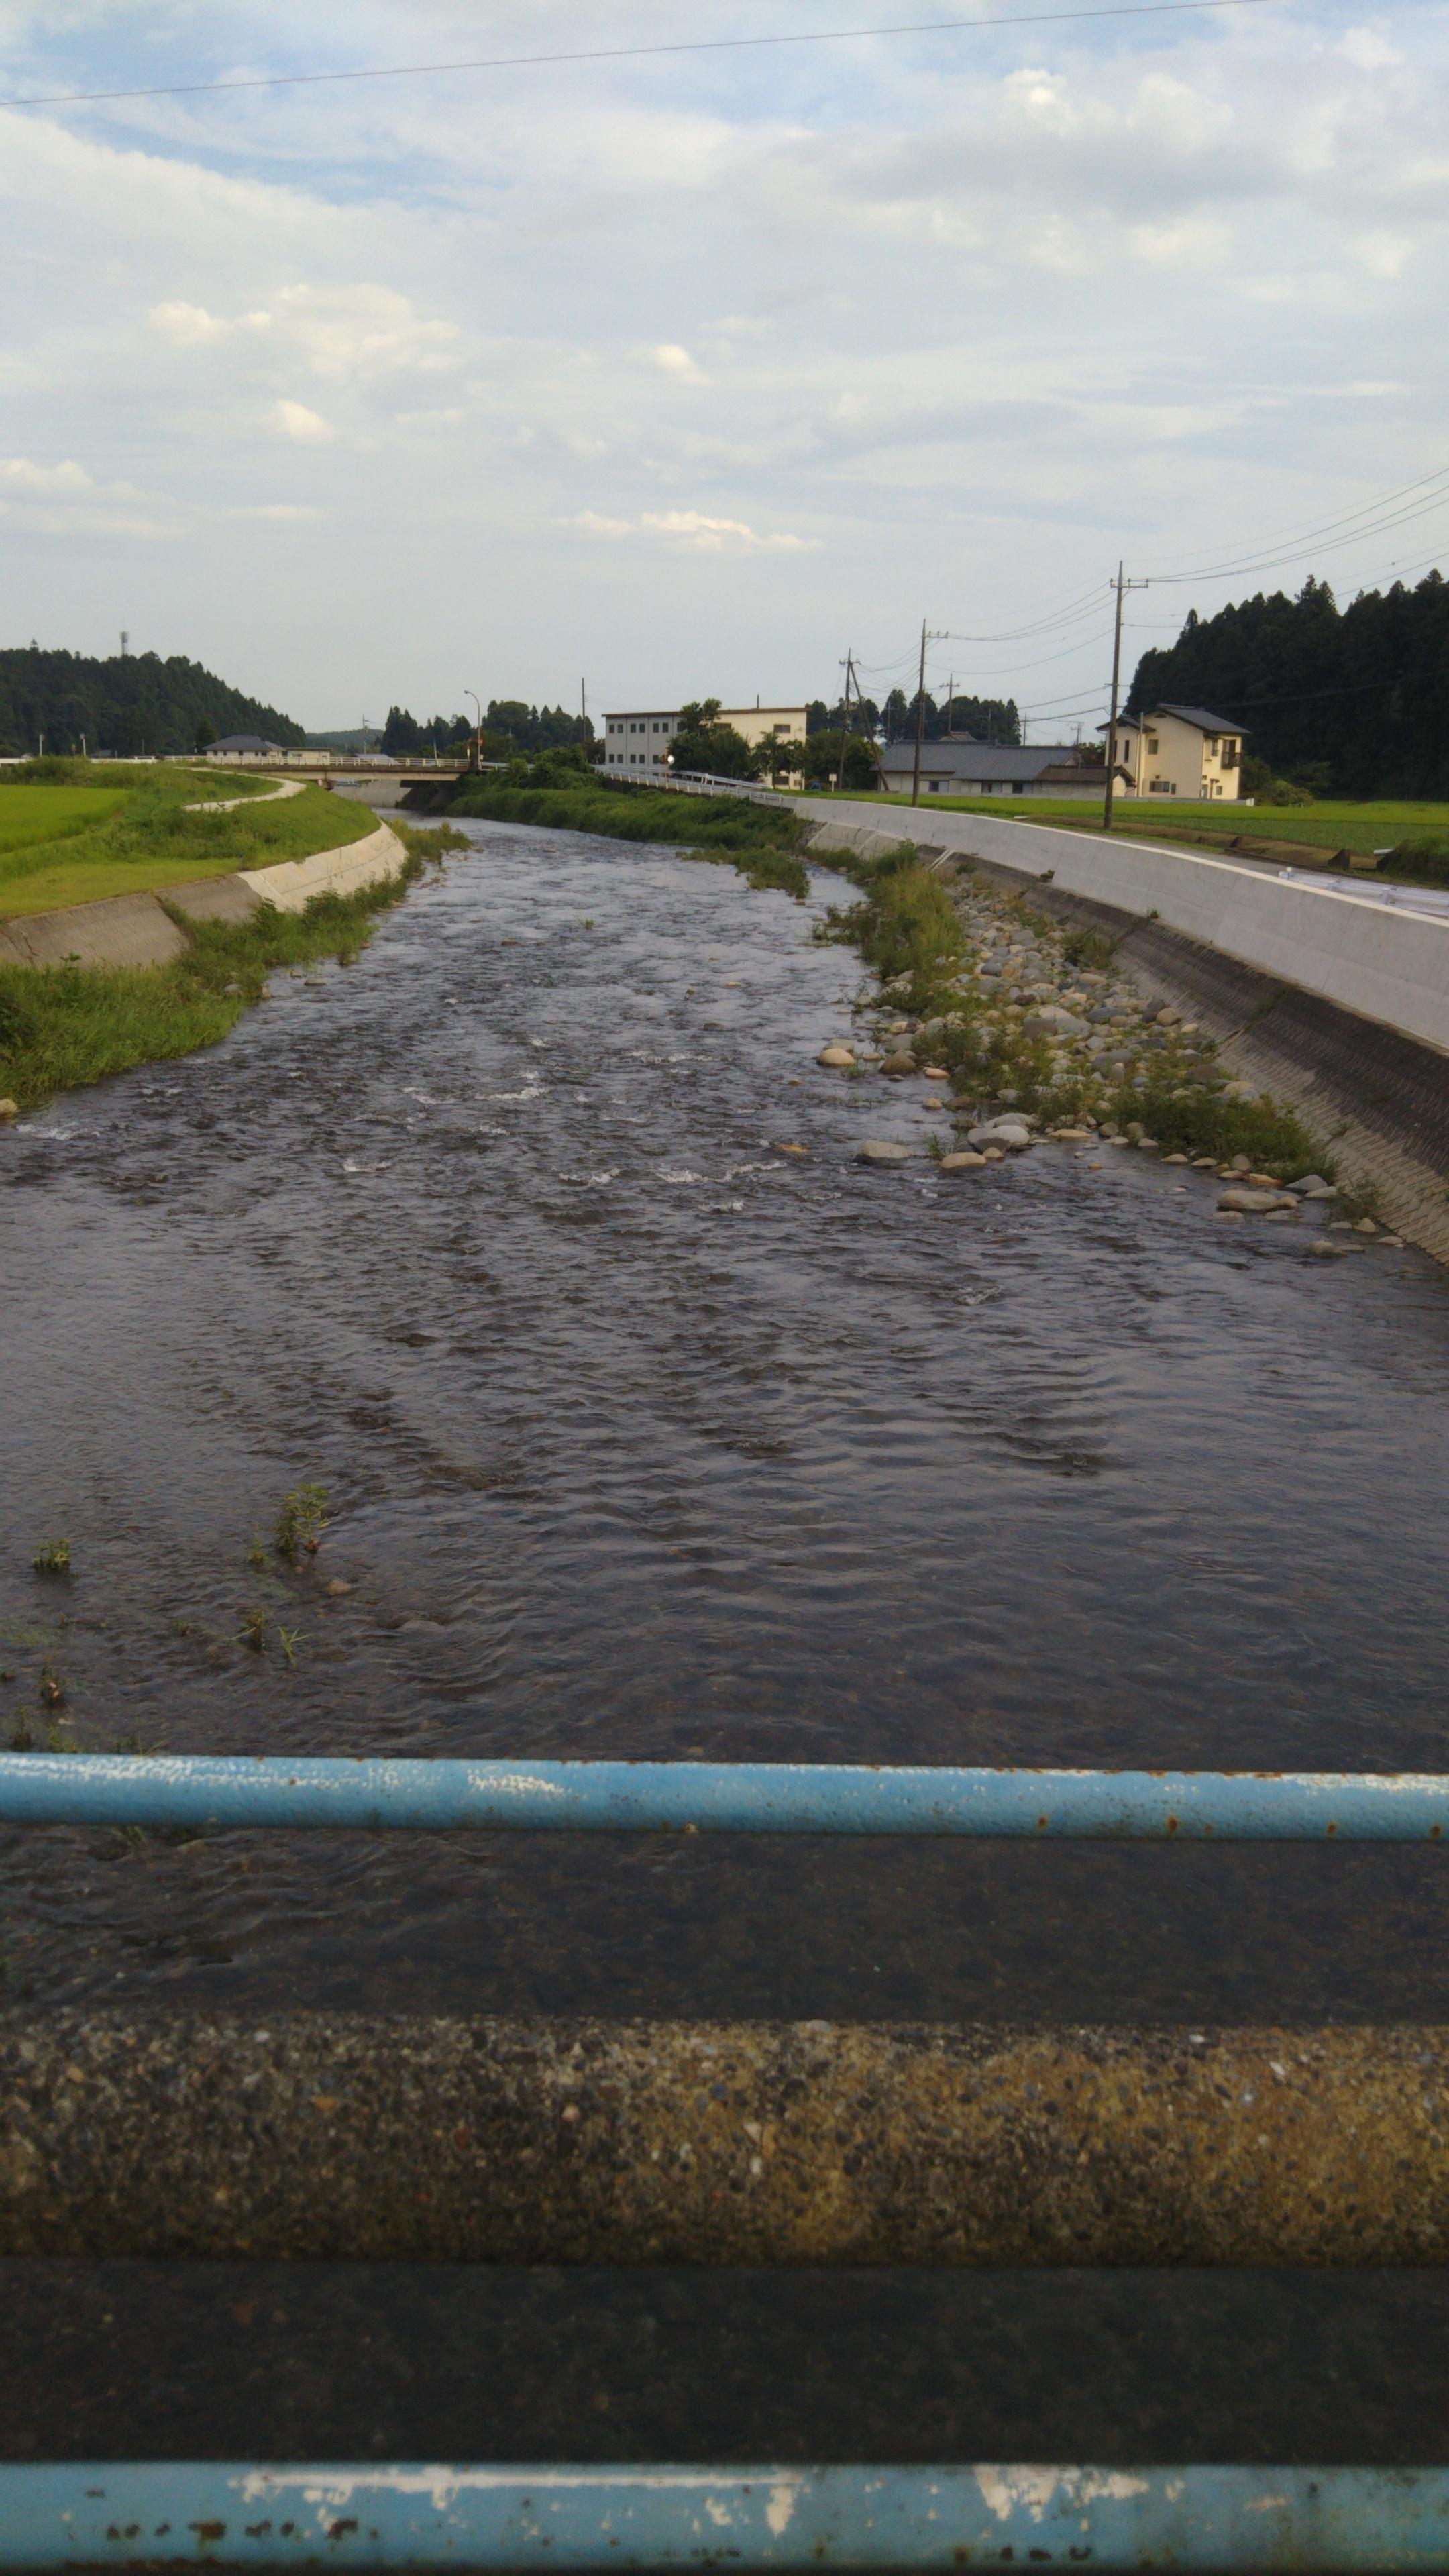 いずみ「川のある風景(^.^)」07/12(木) 11:18   いずみの写メ・風俗動画